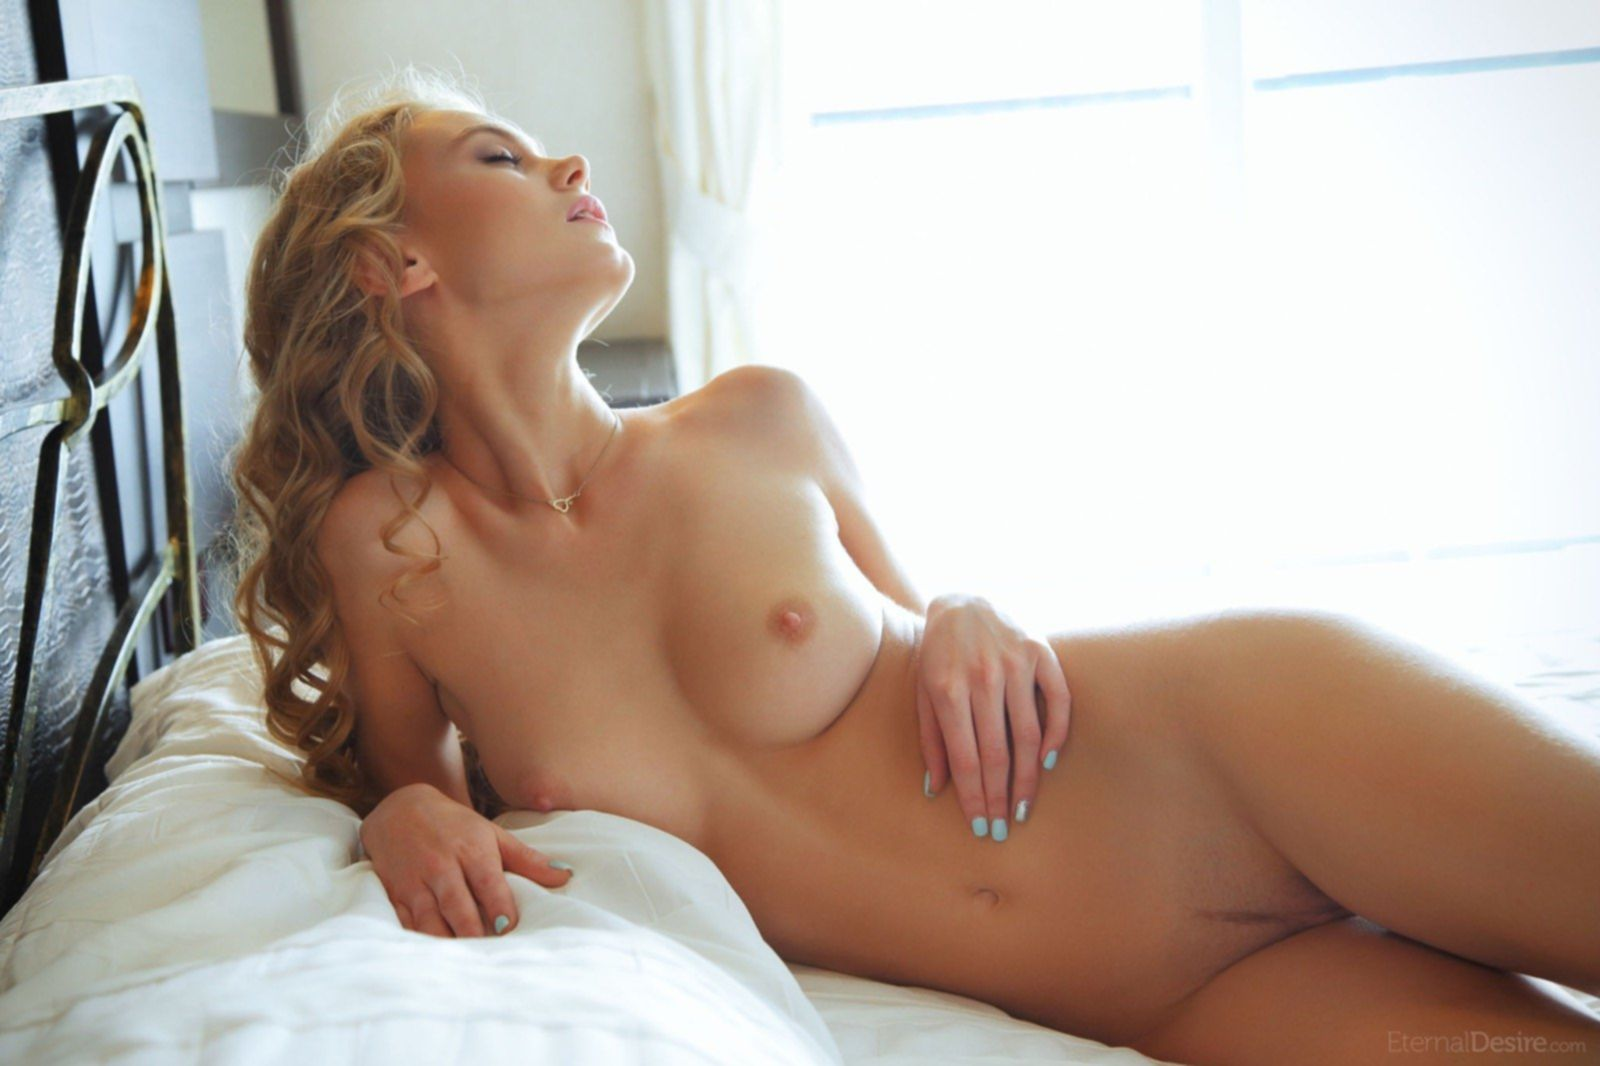 Девушка снимает пижаму на кровати - фото